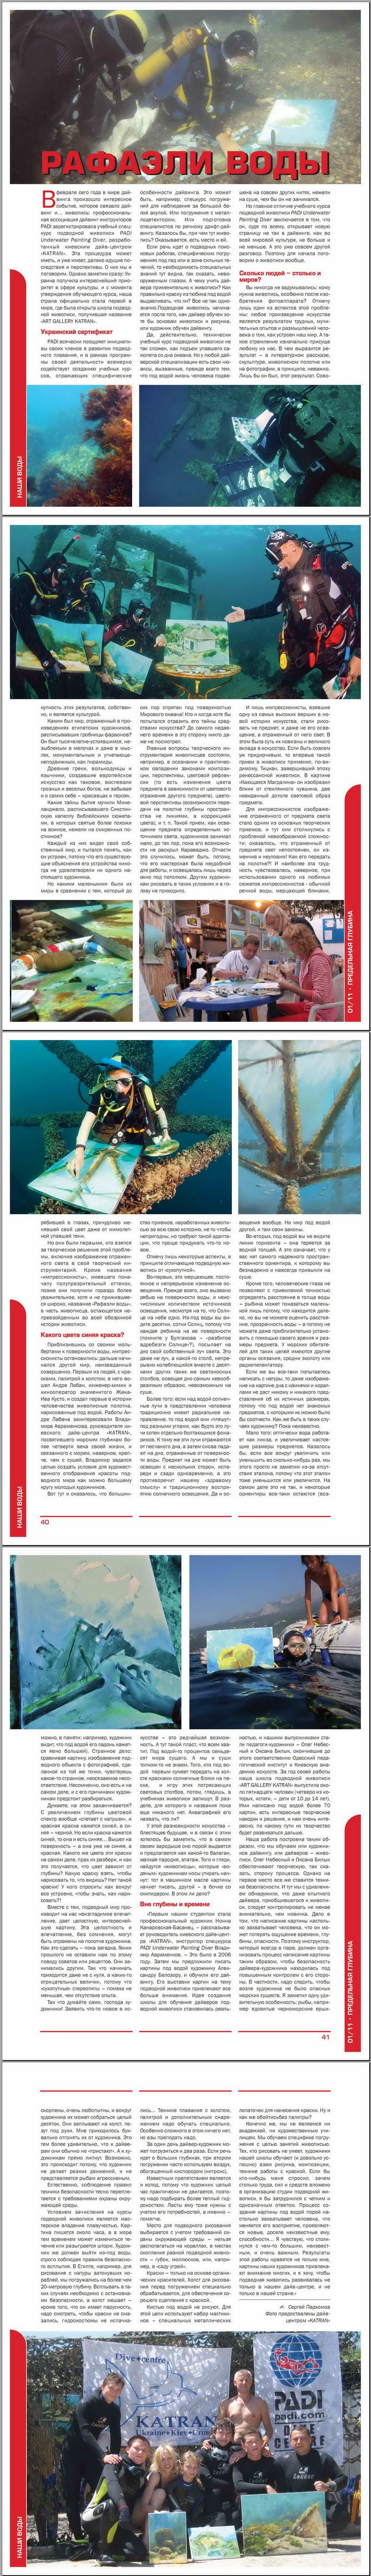 Журнал Предельная глубина. Рафаэли воды